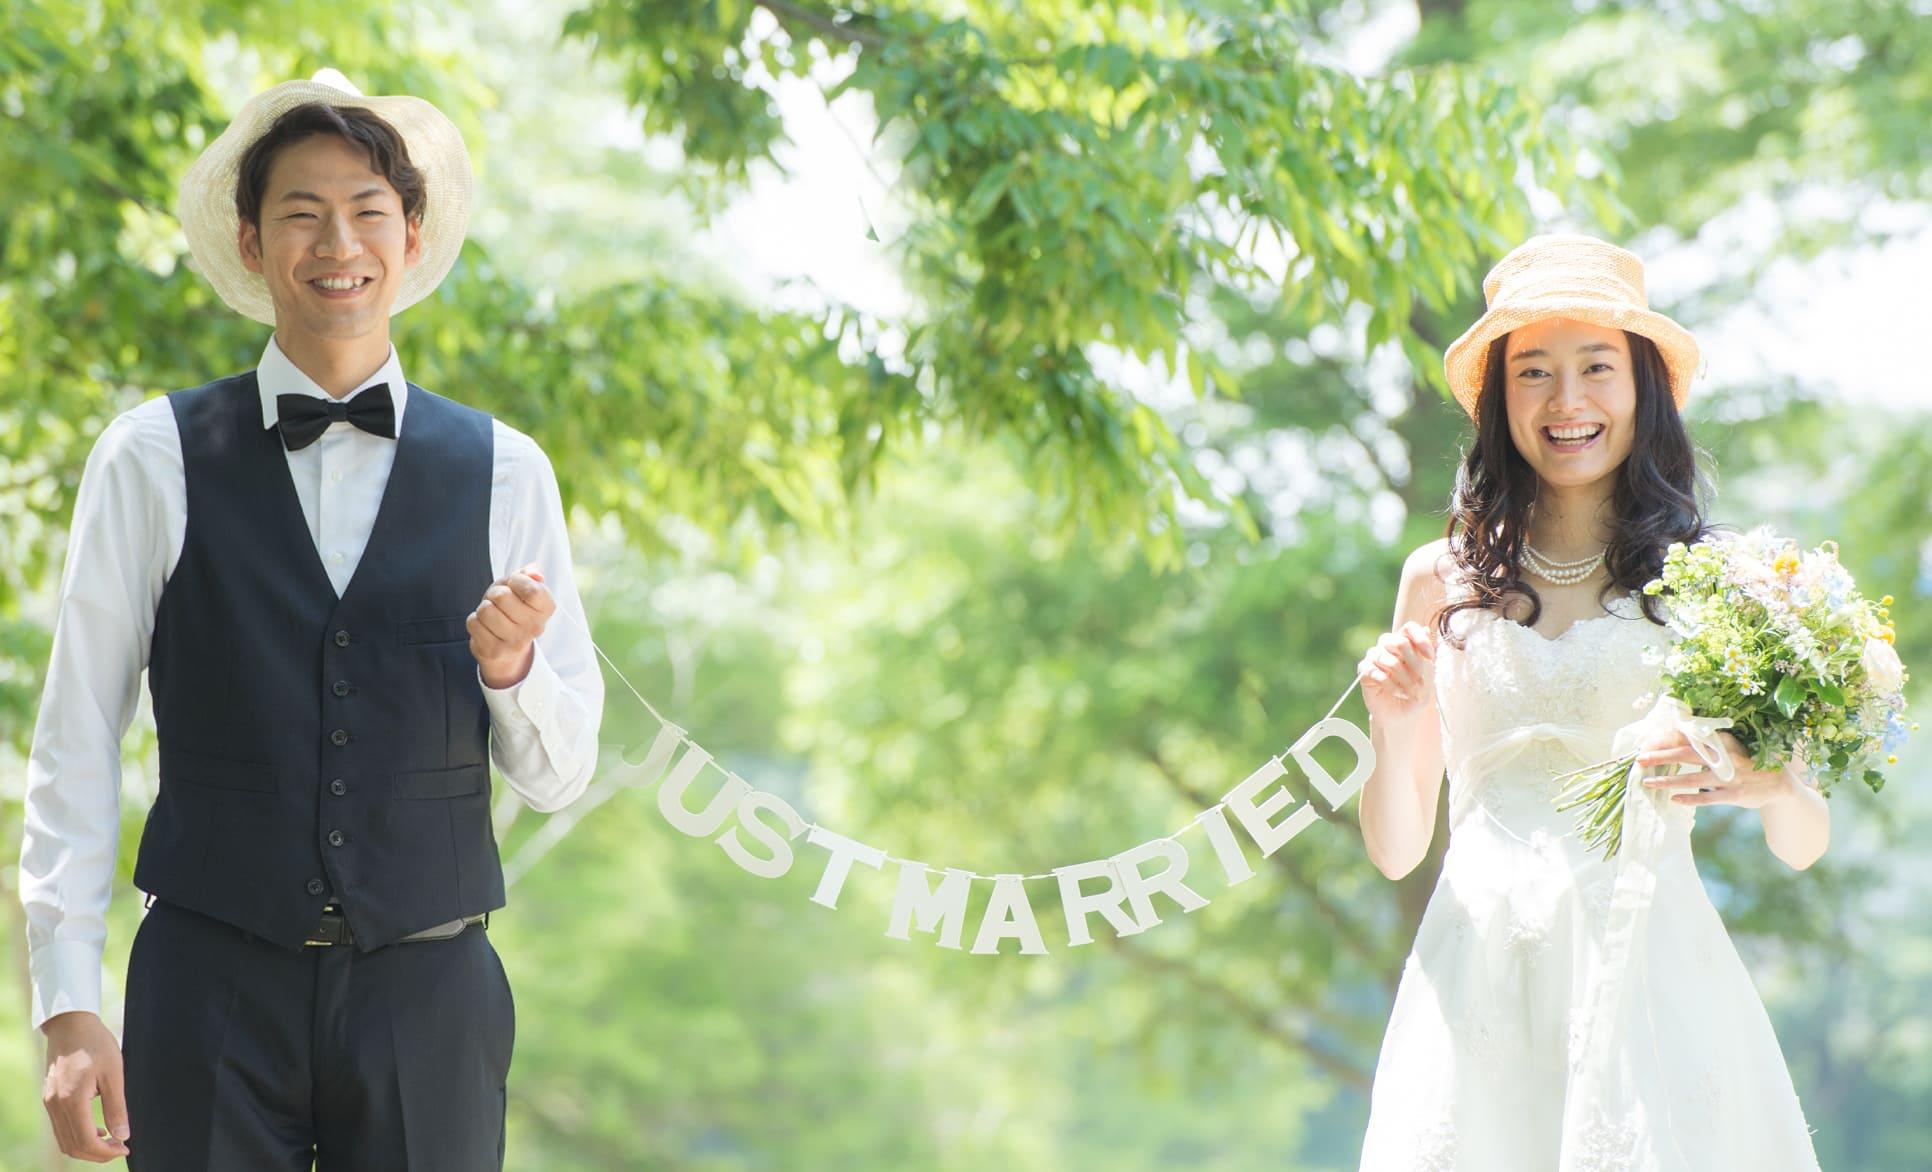 恋活・結婚・夫婦関係の相性の心理学の風景写真